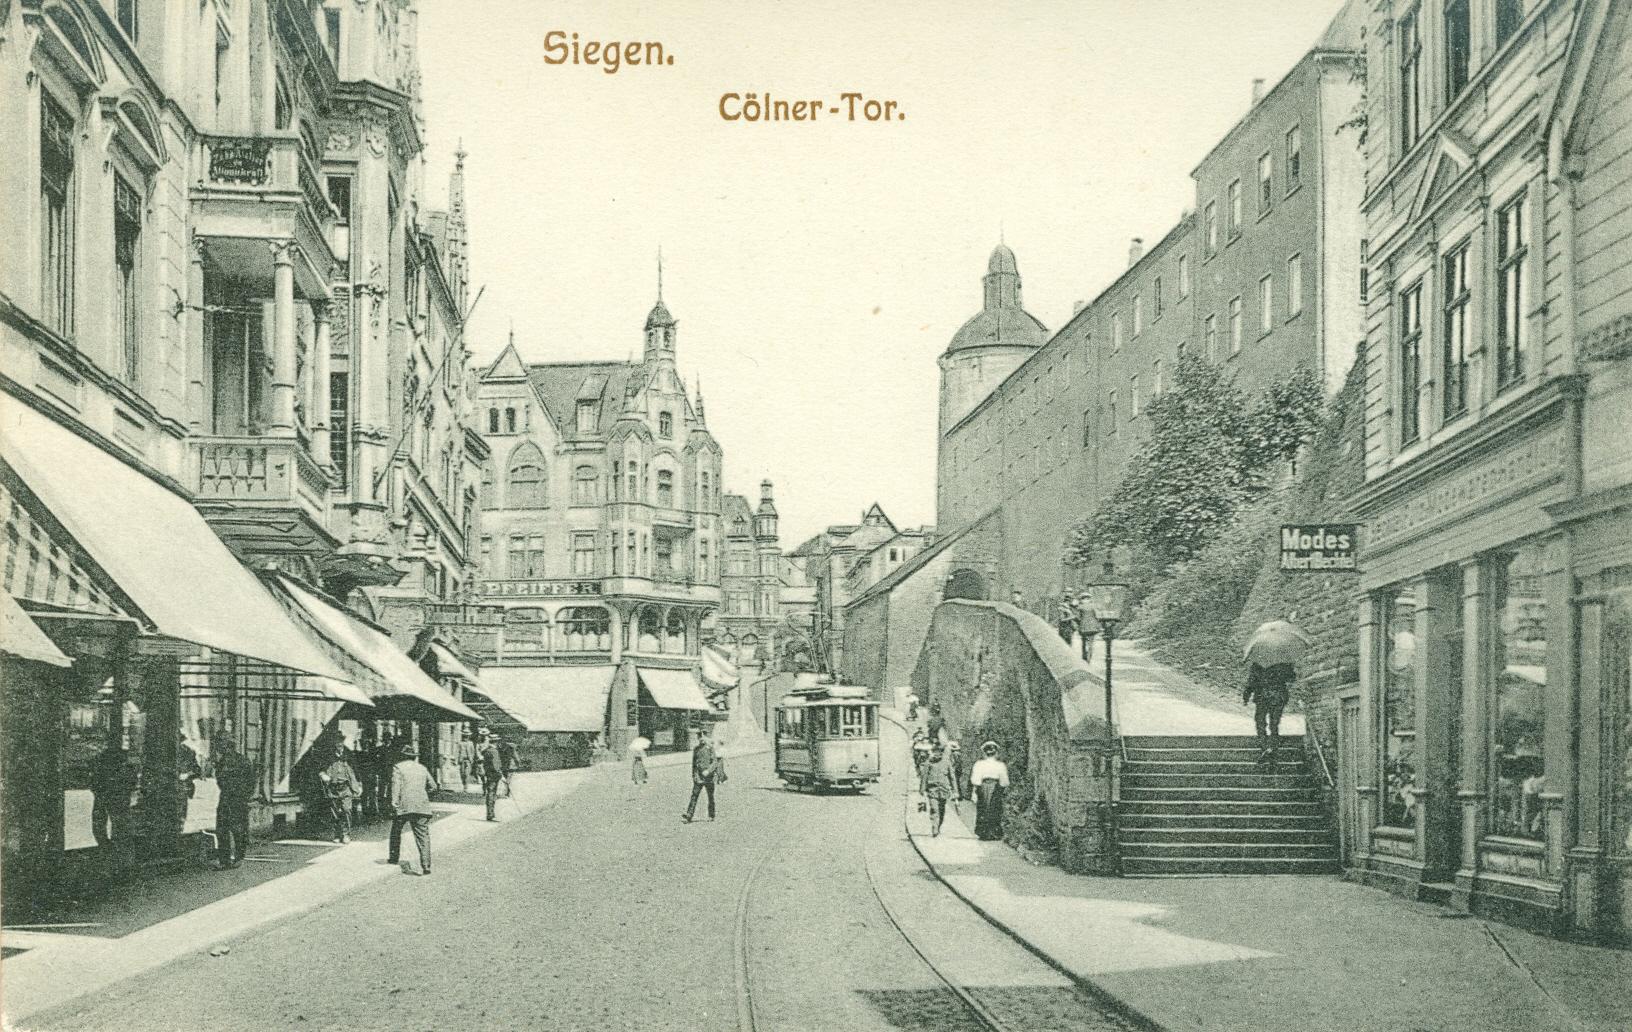 Alte Postkarte. Motiv: Kölner Tor mit Straßenbahn in Siegen